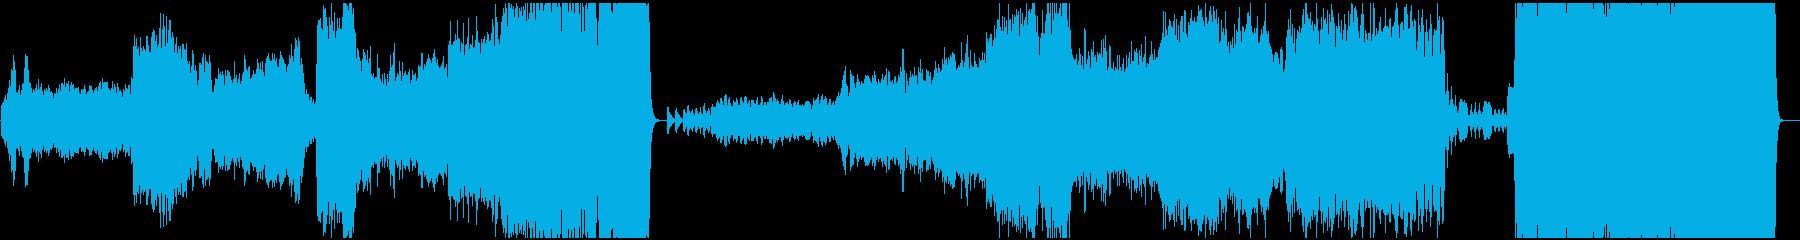 年末のBGMベートーベン第九より歓喜の歌の再生済みの波形